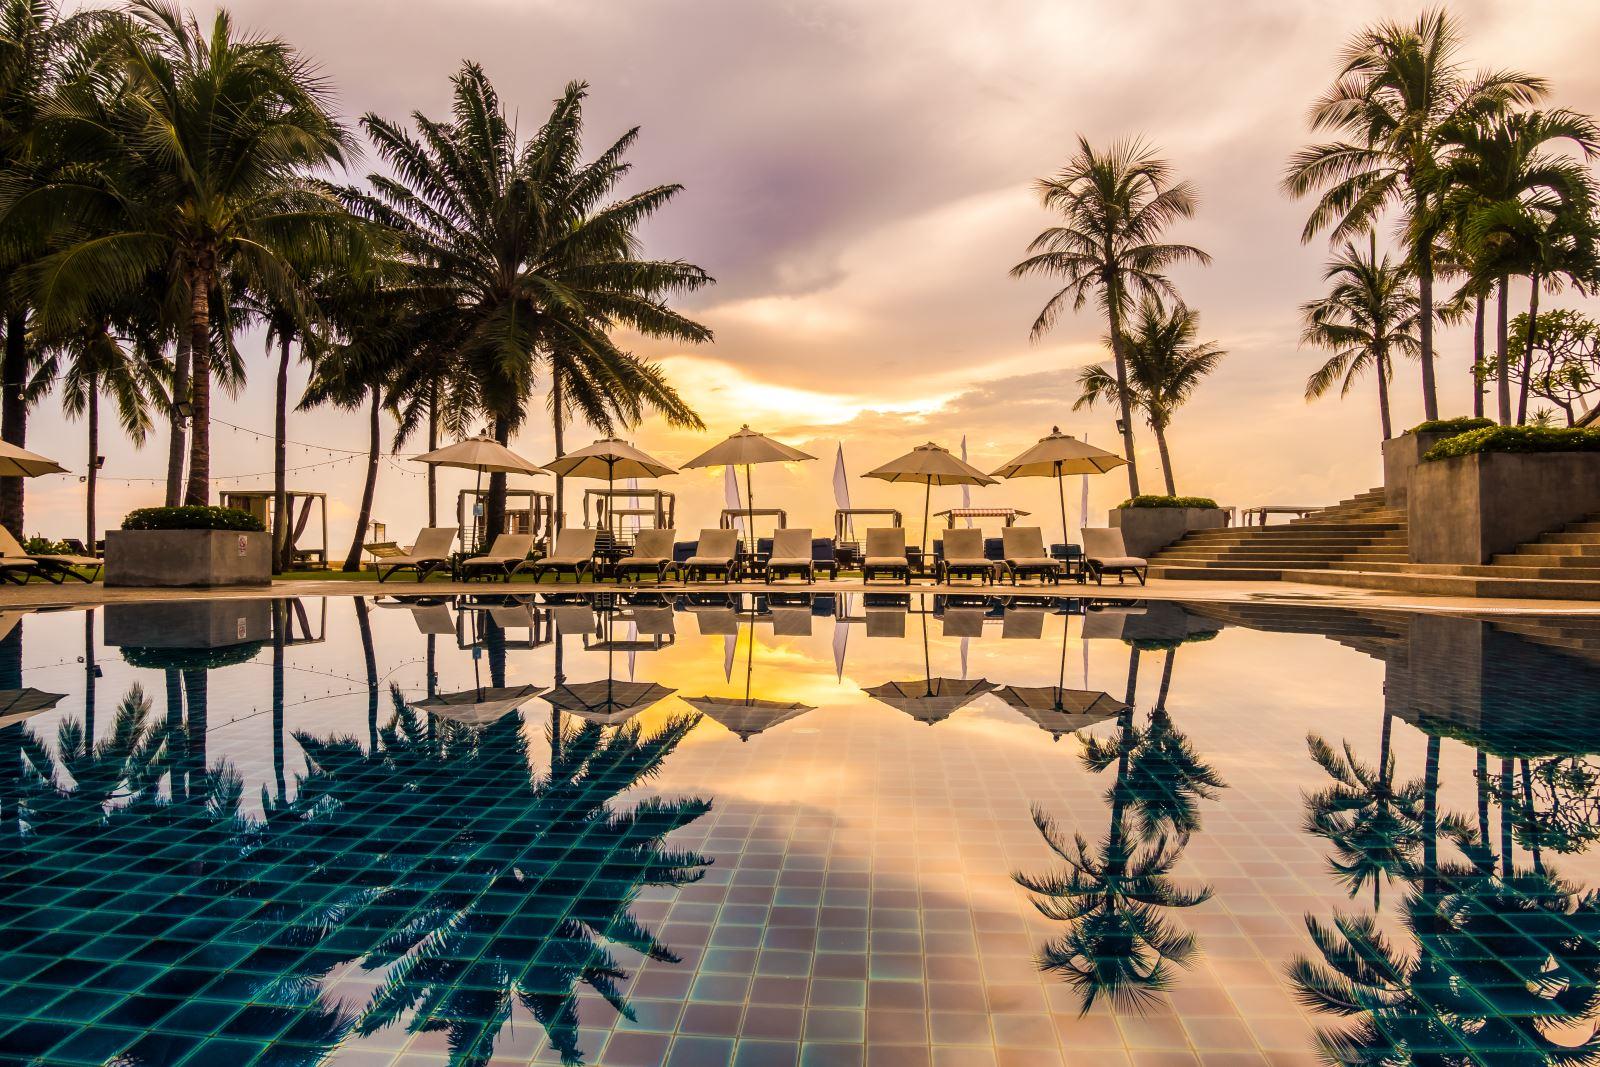 Thiết kế website Resort - Khu nghỉ dưỡng chuyên nghiệp thu hút khách hàng